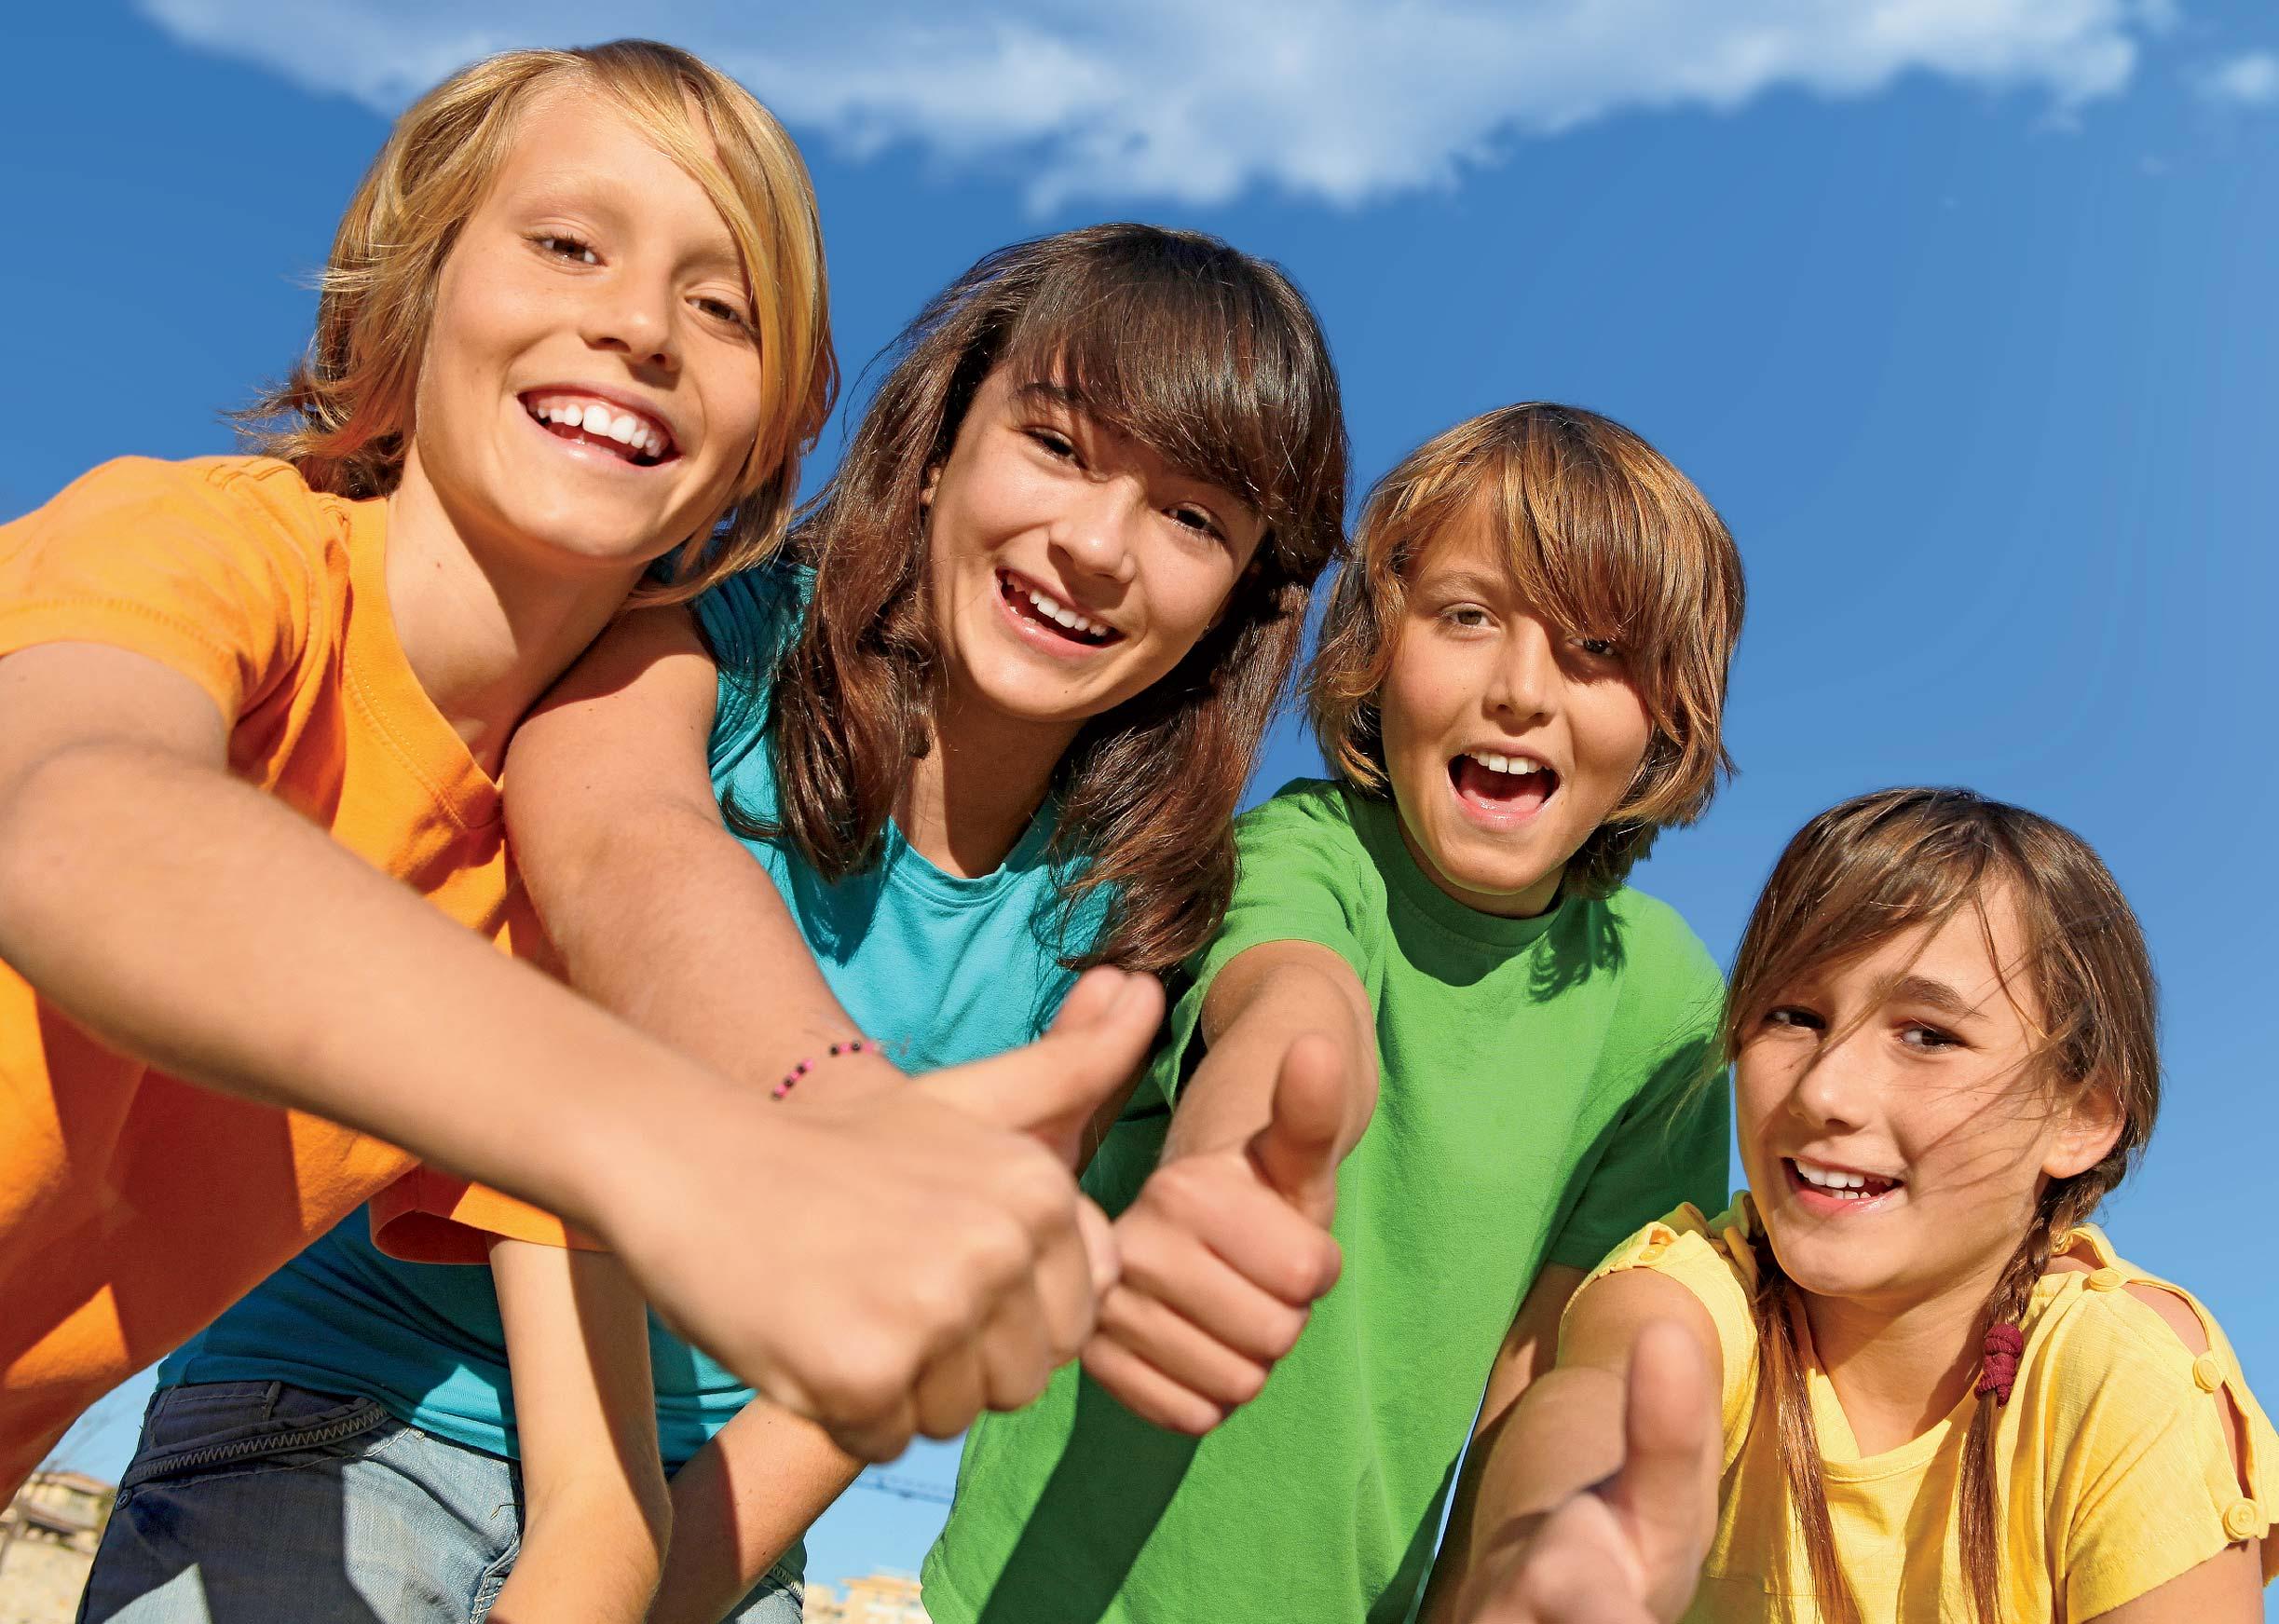 Общение с детьми и подростками: 36 правил и 4 ошибки - 1